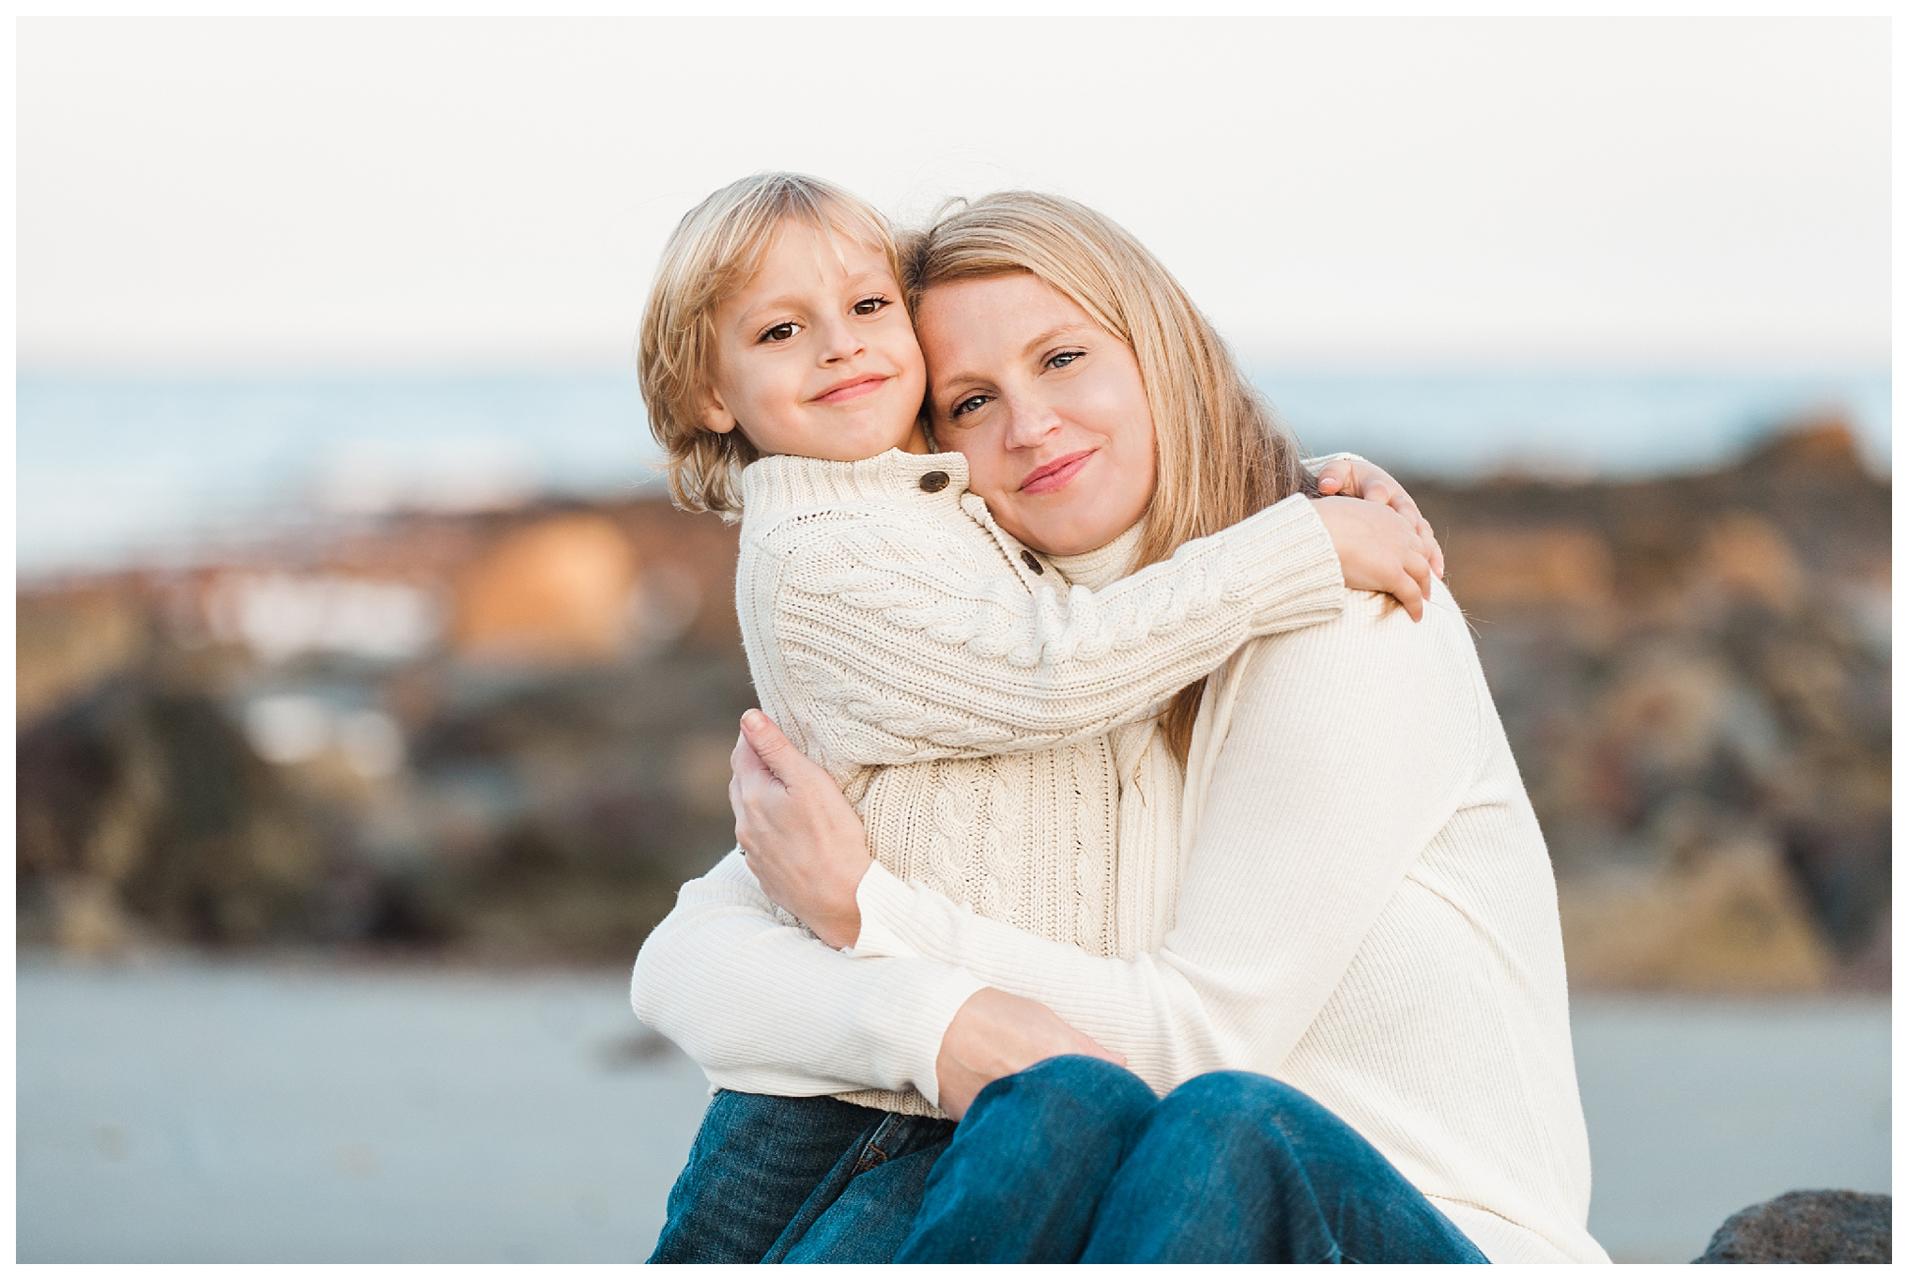 Family-Photographer-Sweet-Light-Portraits06.jpg